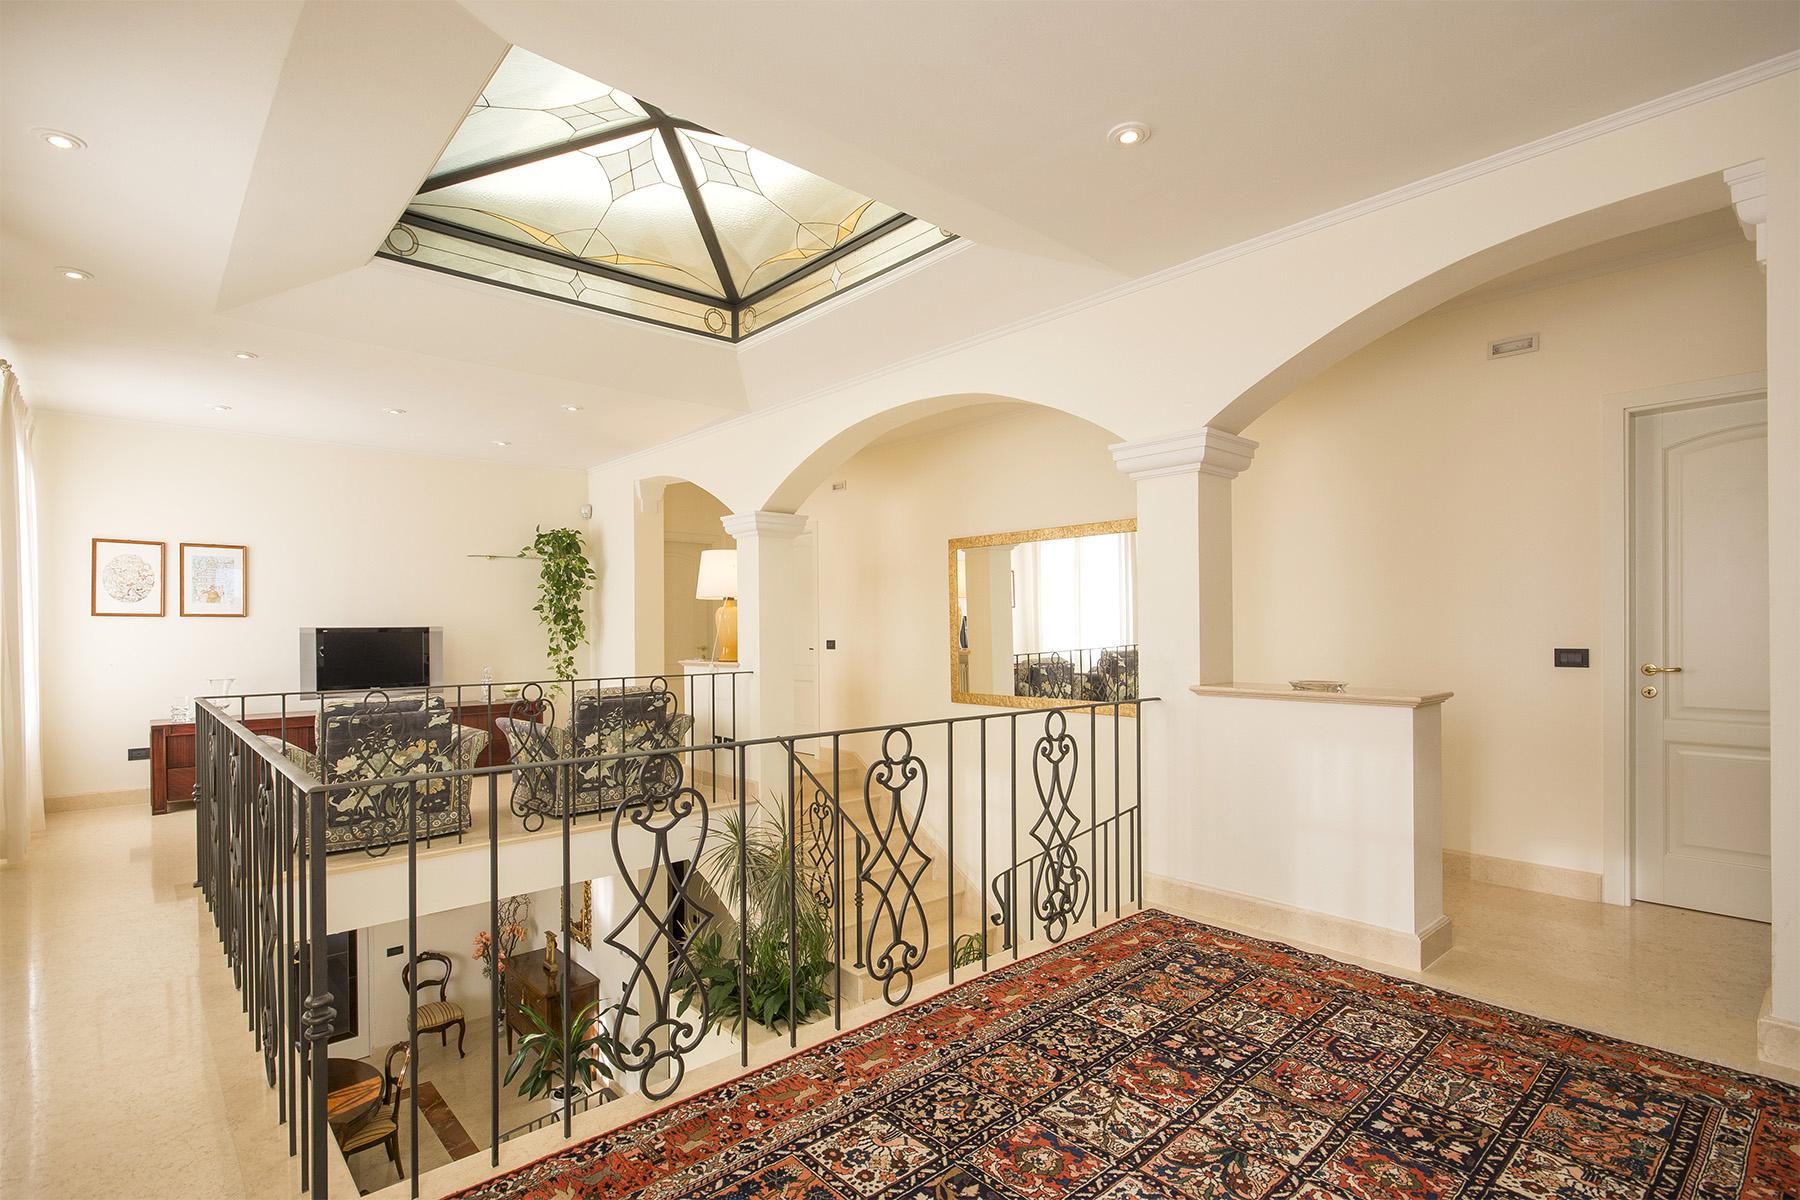 Casa indipendente in Vendita a Lucca: 5 locali, 300 mq - Foto 17